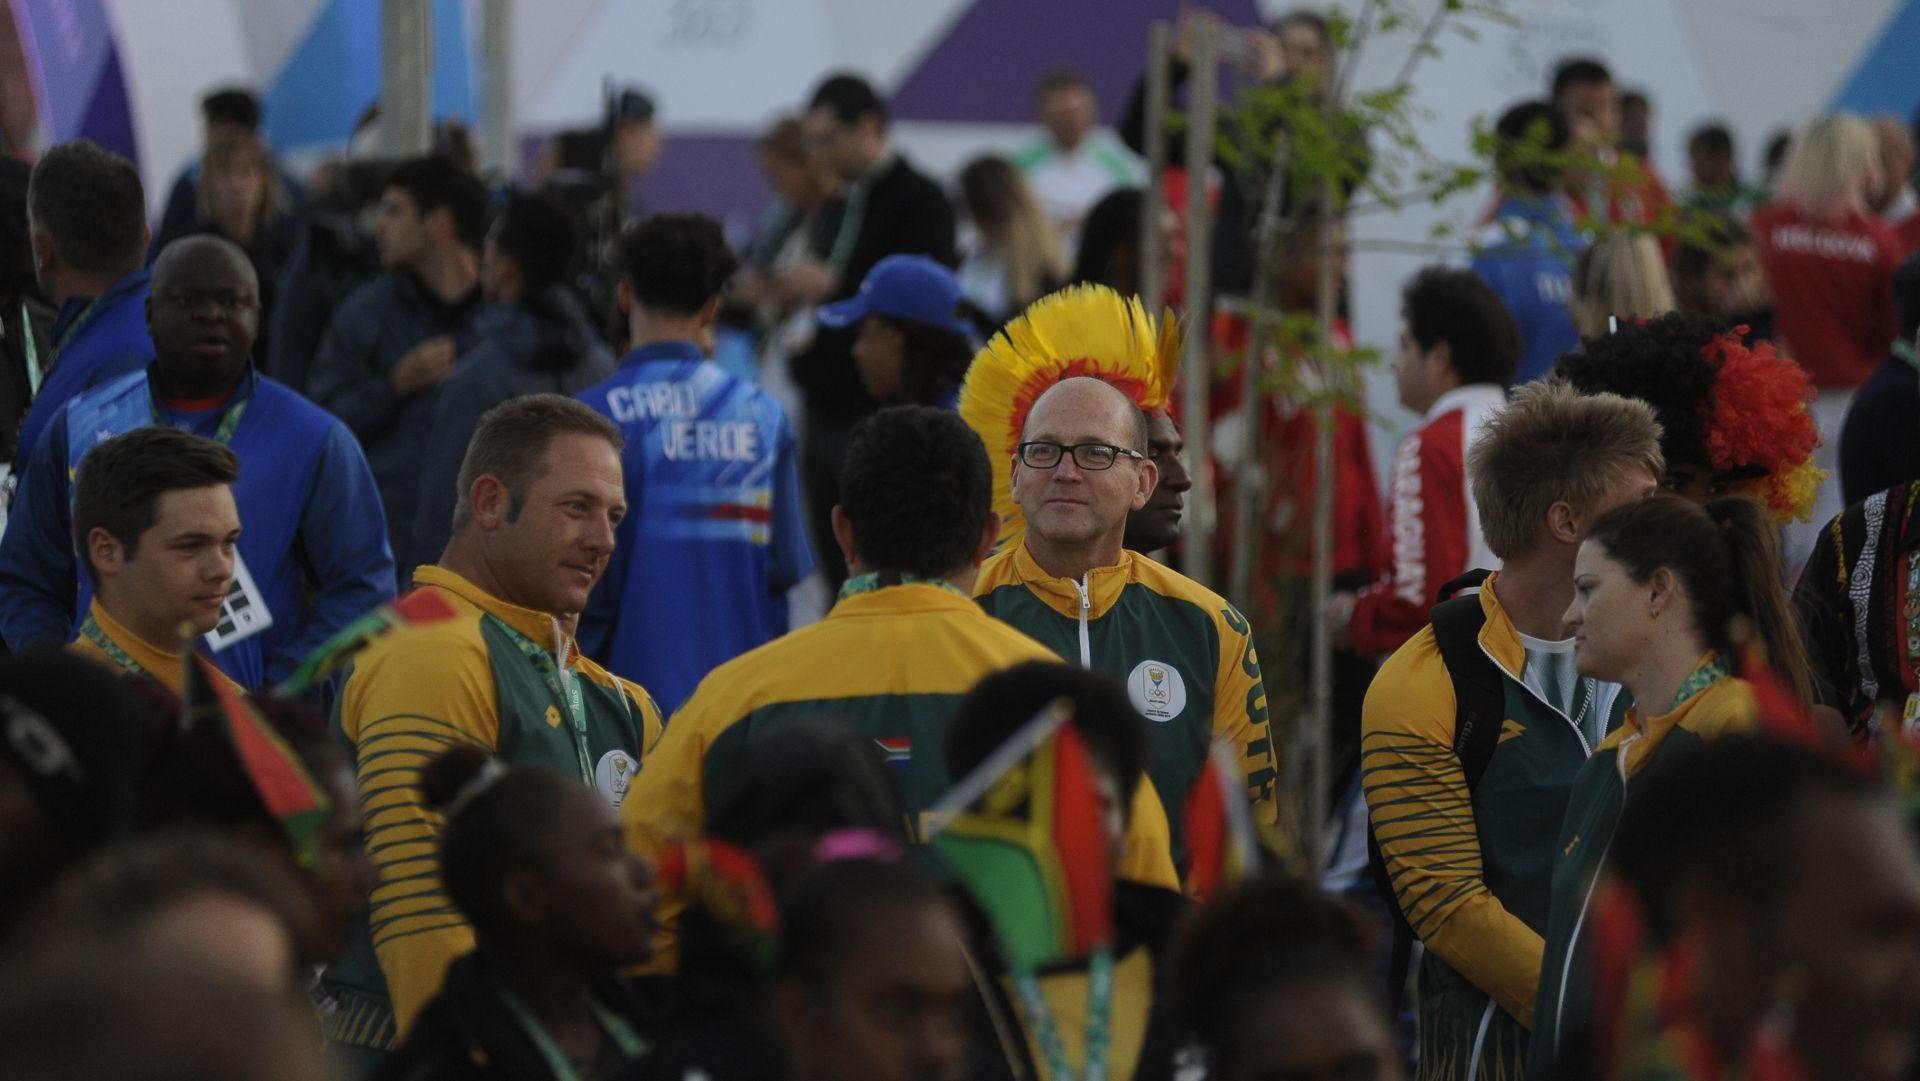 Los sudafricanos aguardan con expectativa la noche de clausura (Patricio Murphy)